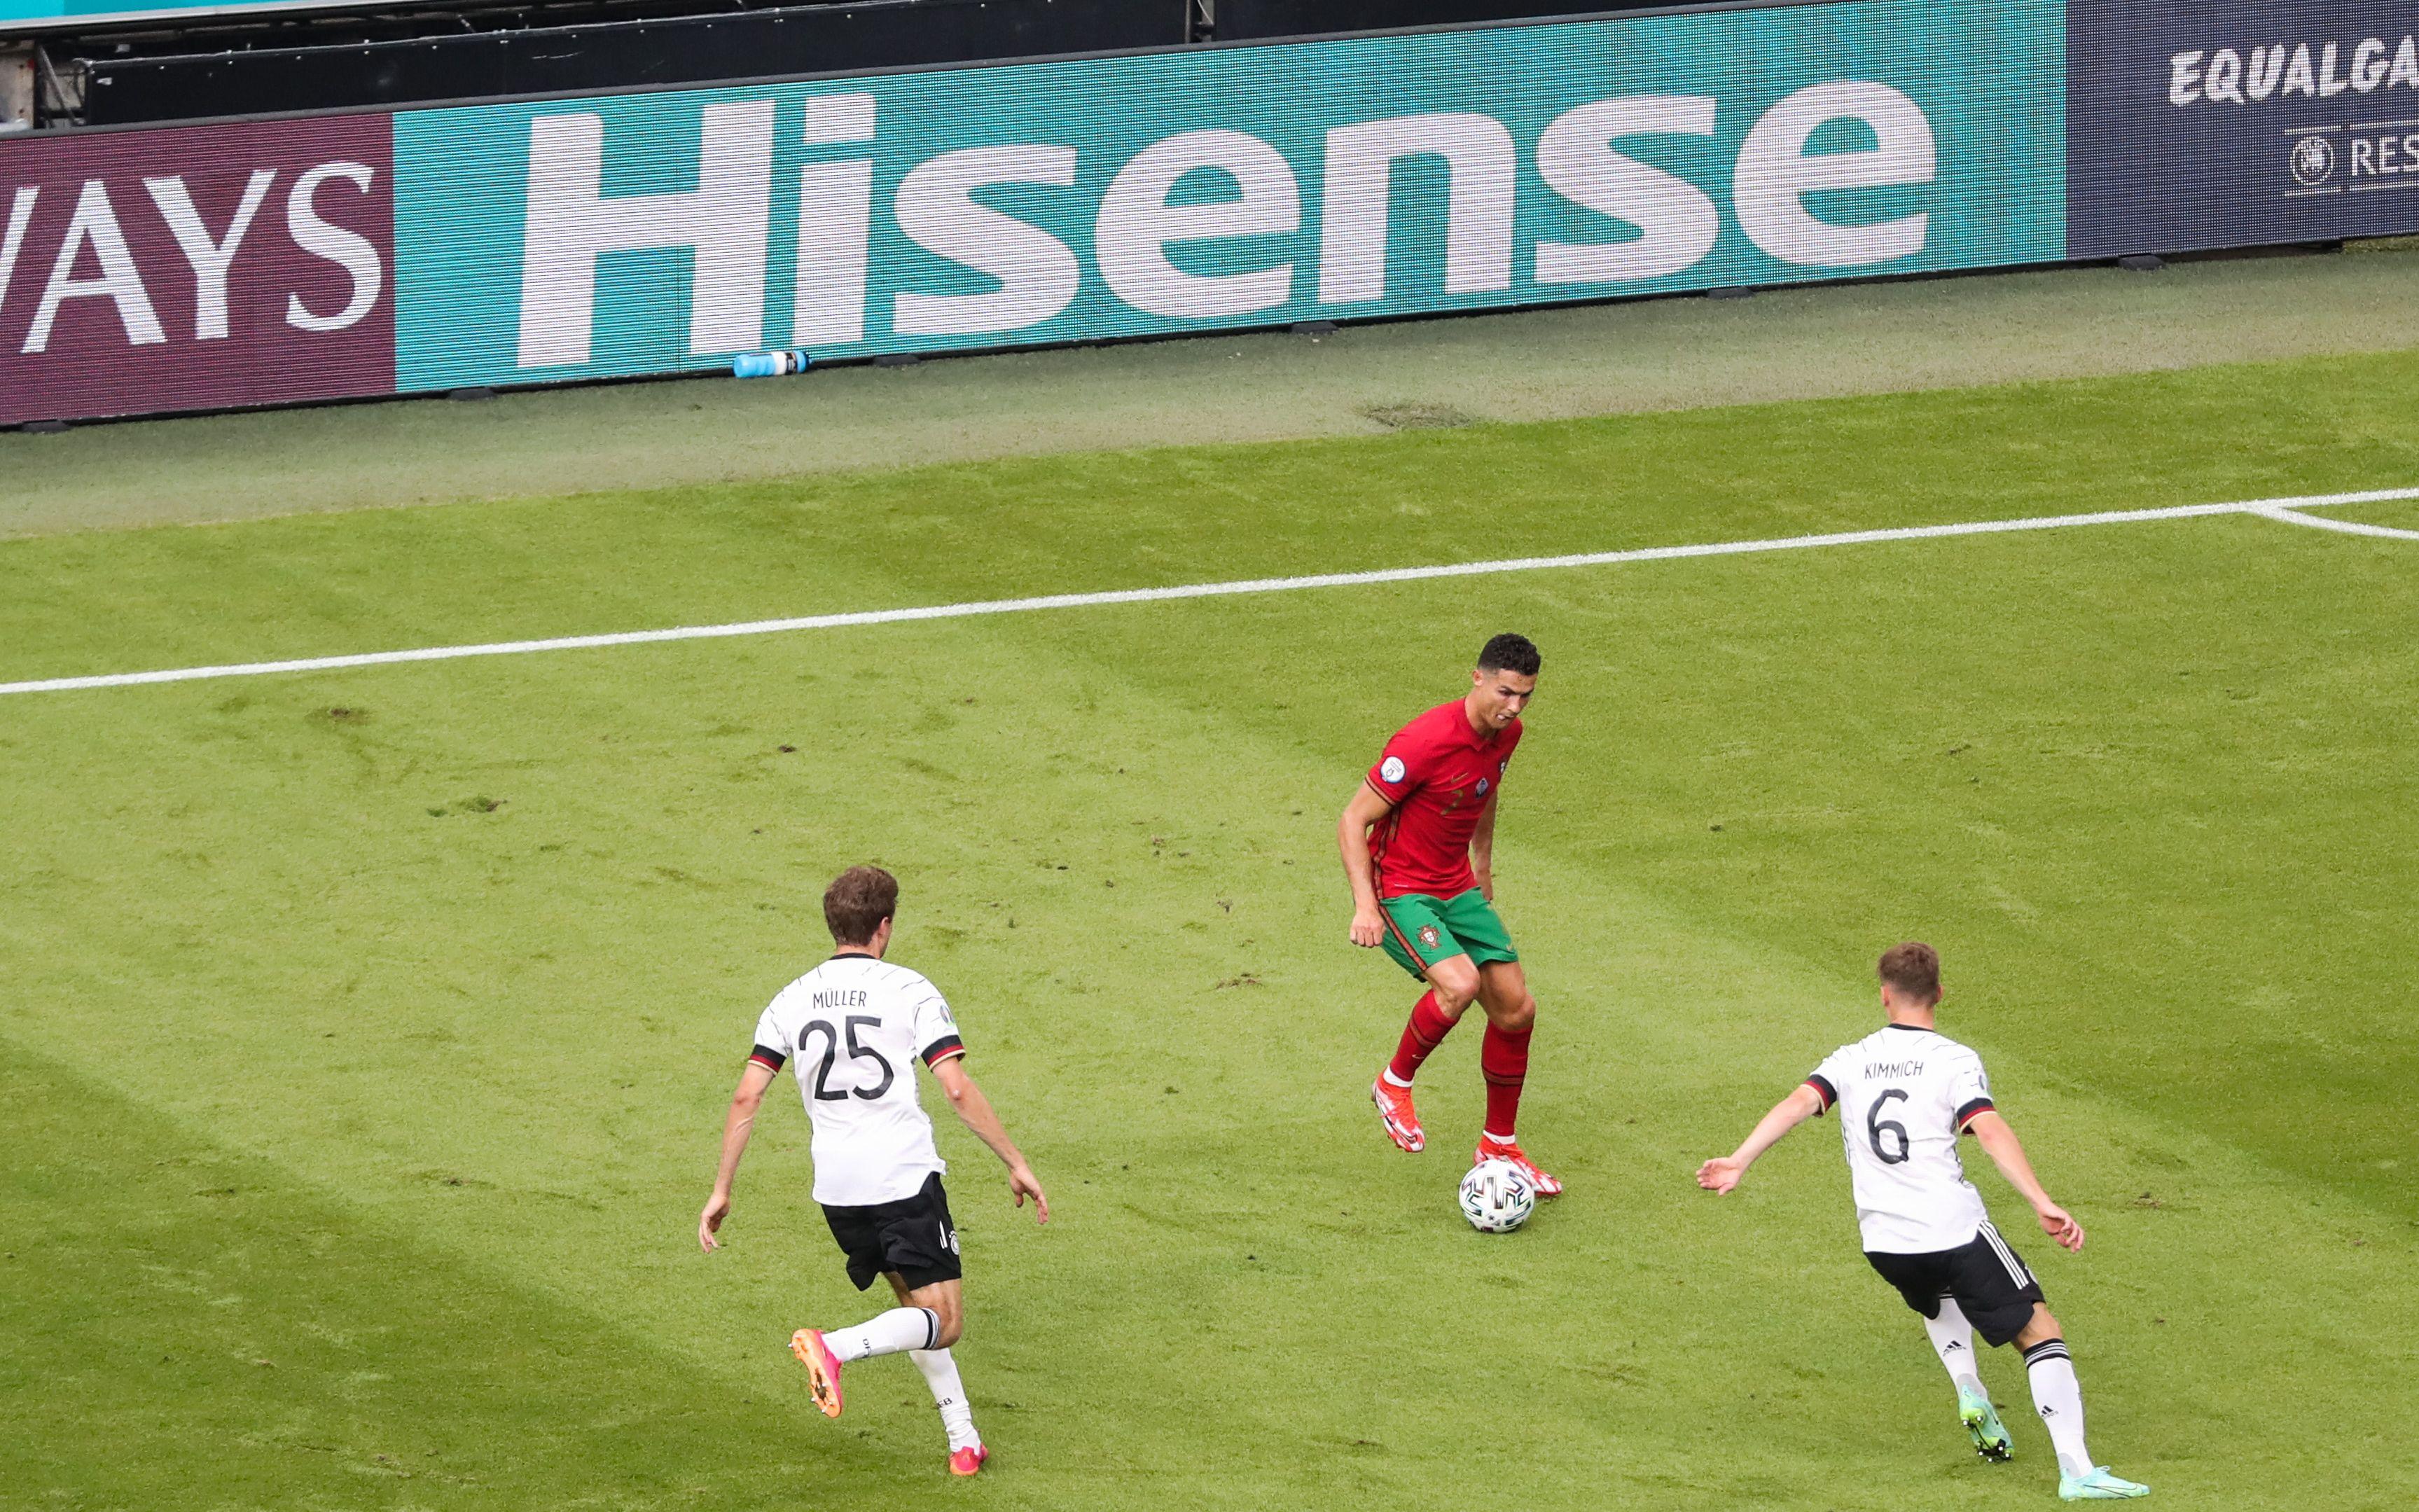 德国对阵葡萄牙时缺少对C罗的贴身盯防。